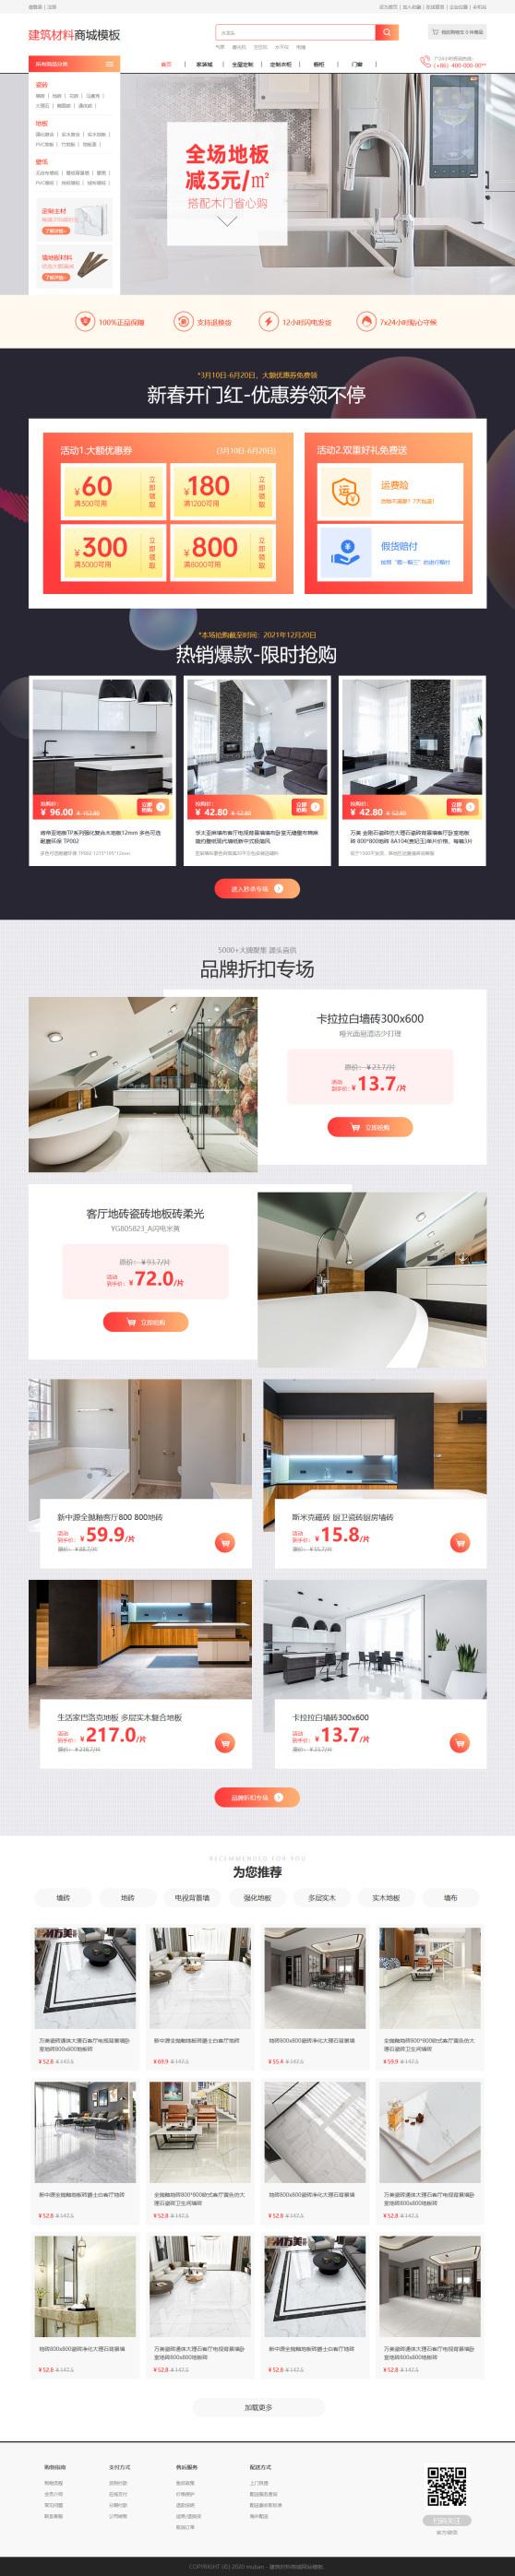 精品建筑建材商城系统模板